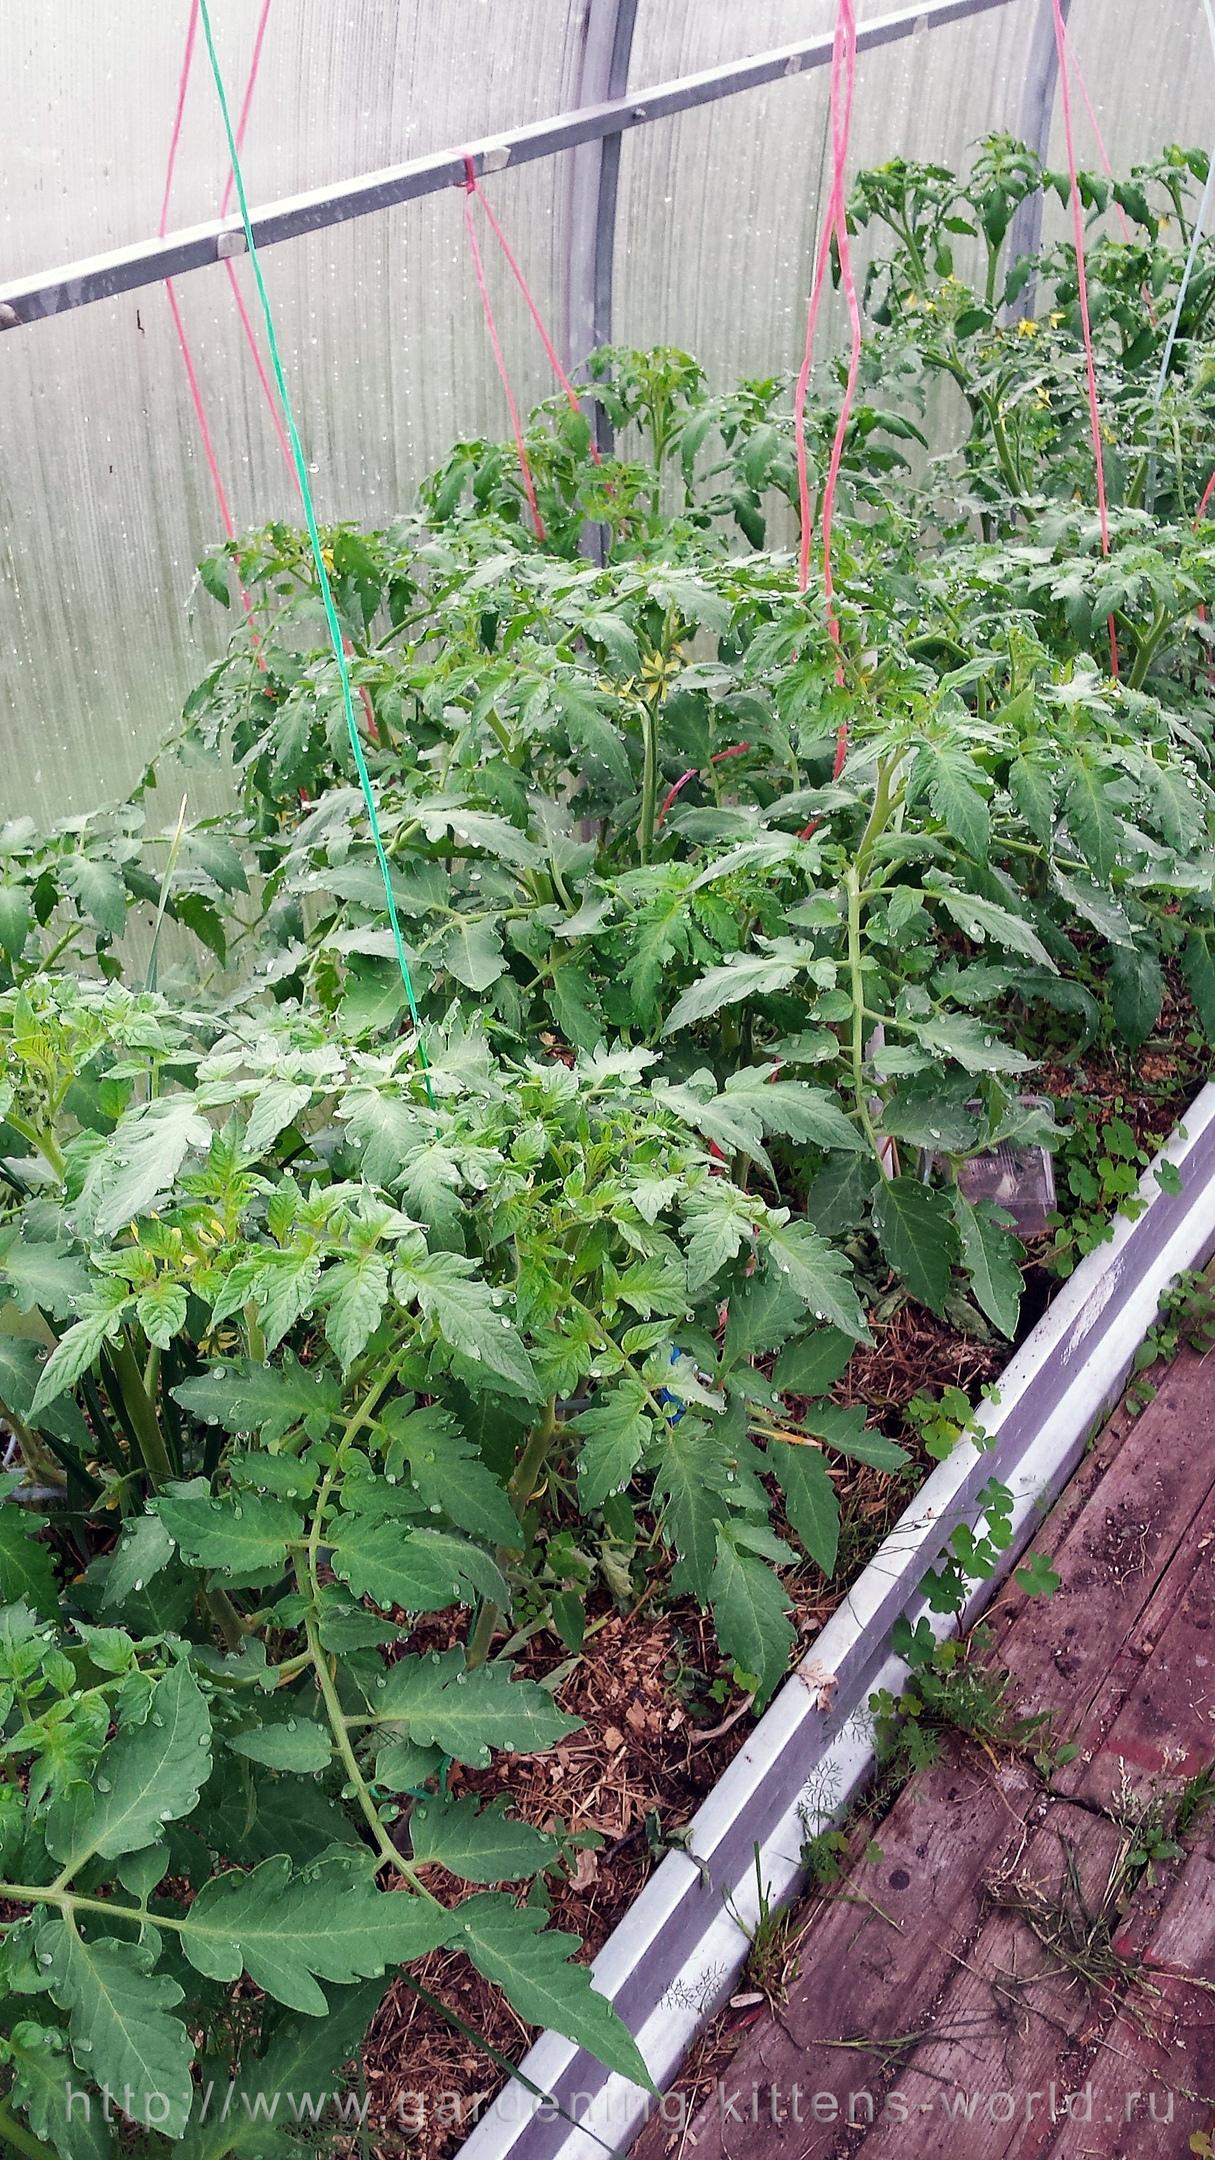 Посадка томатов весной, сравнение и выводы - томаты слева